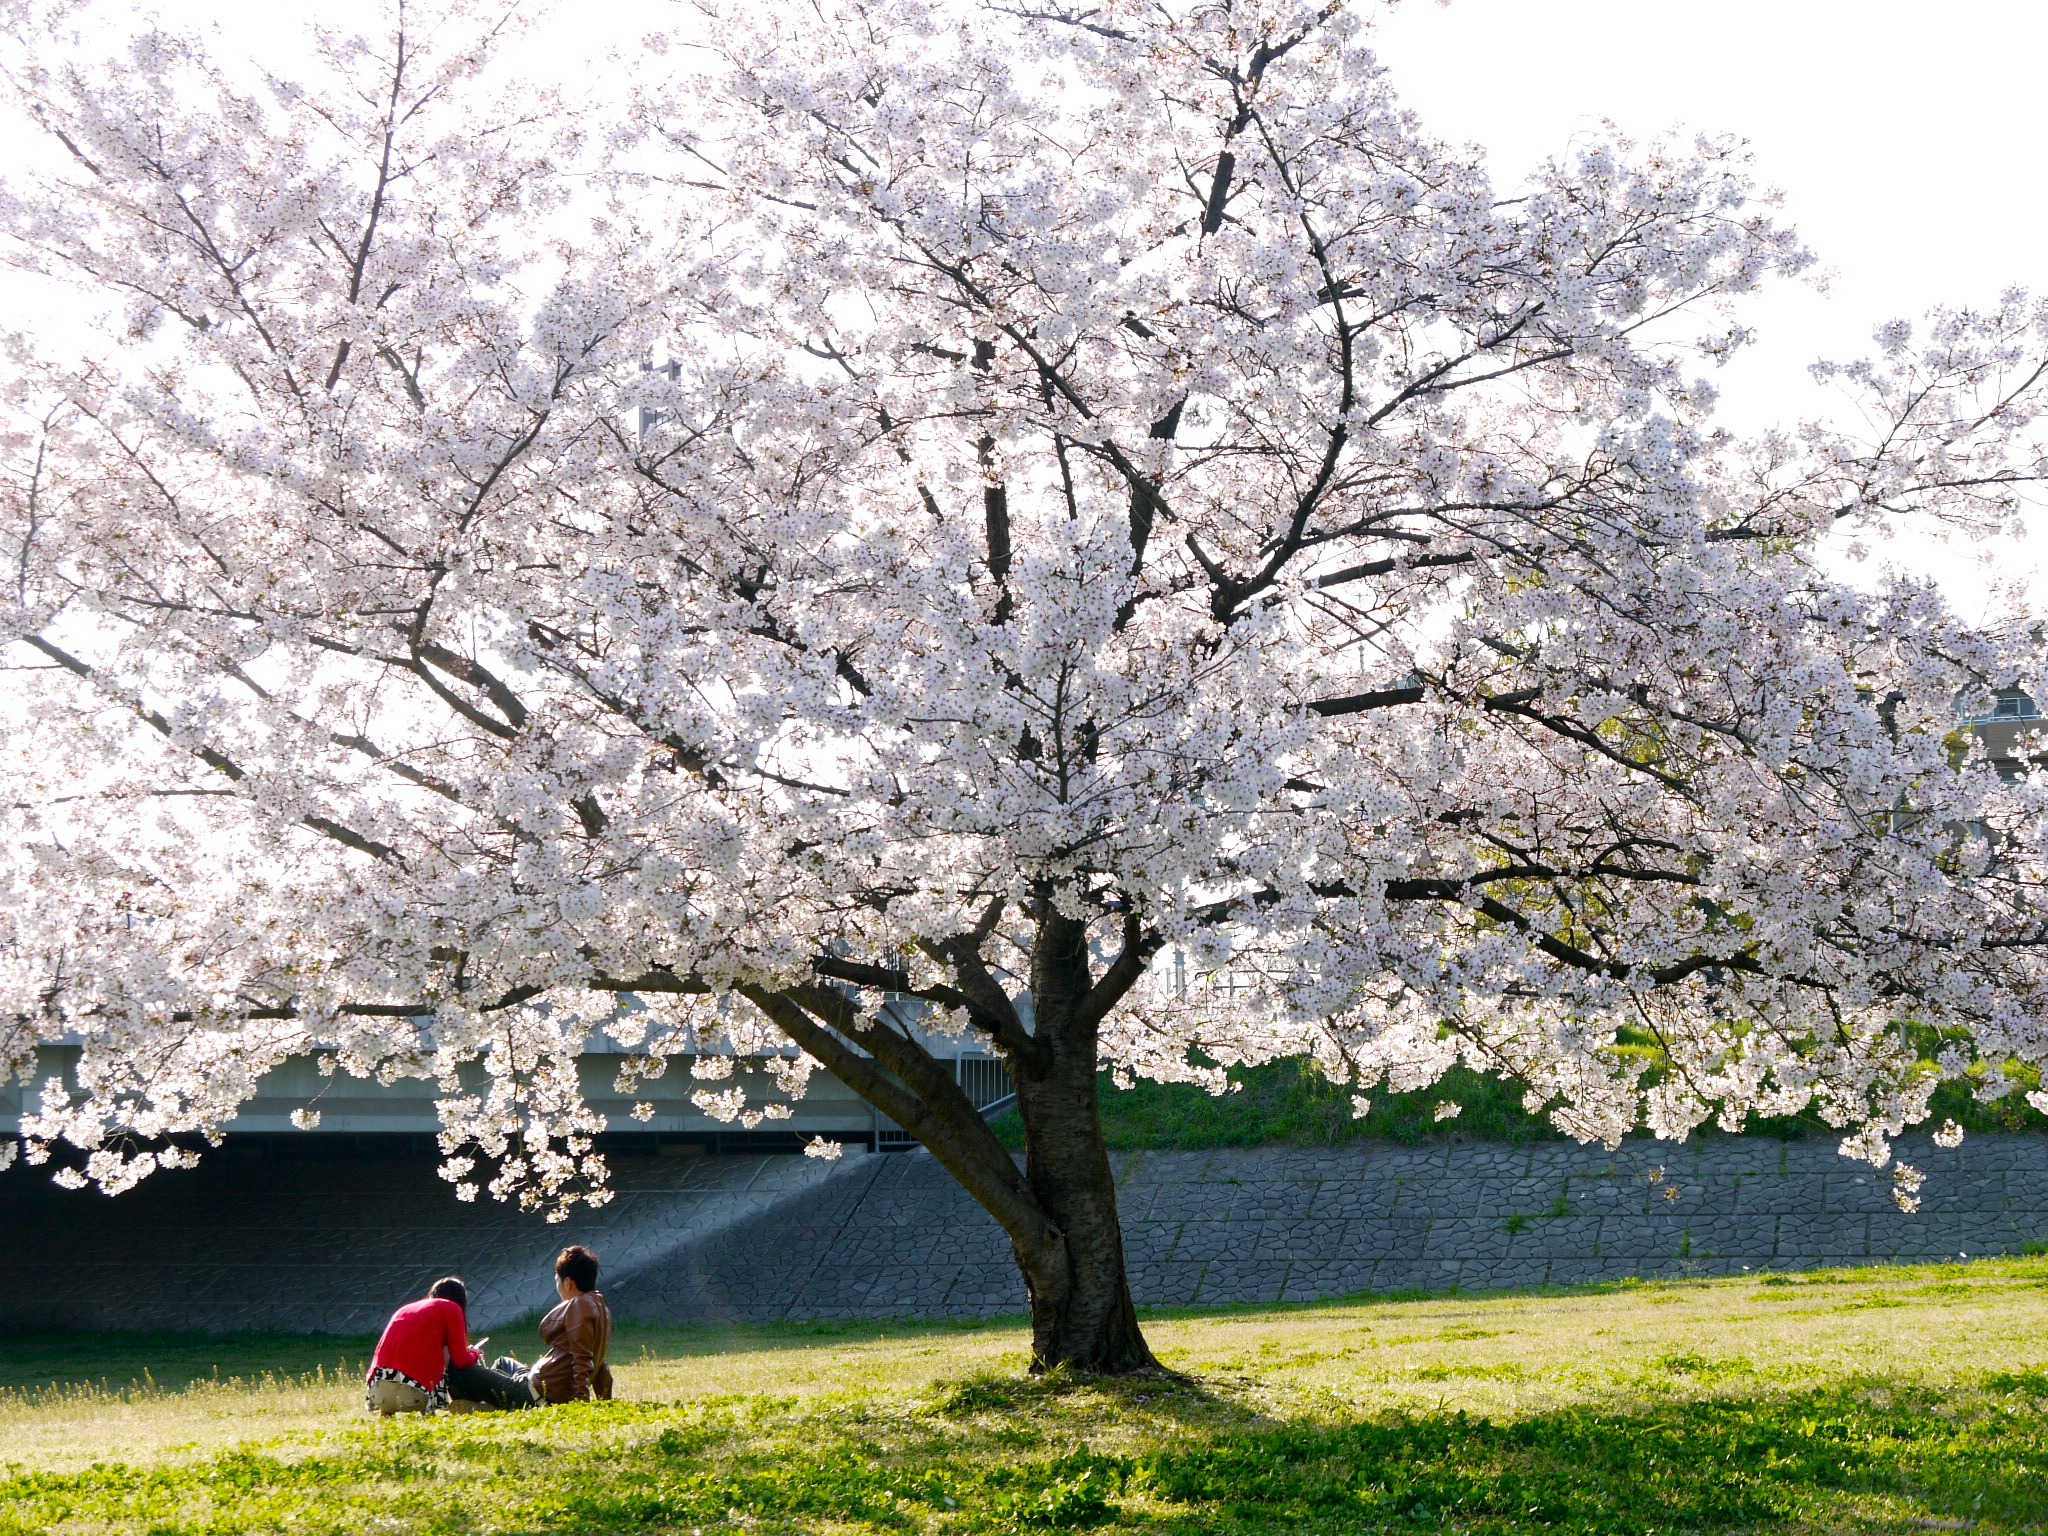 картинки сакуры в цвету полностью ссылку